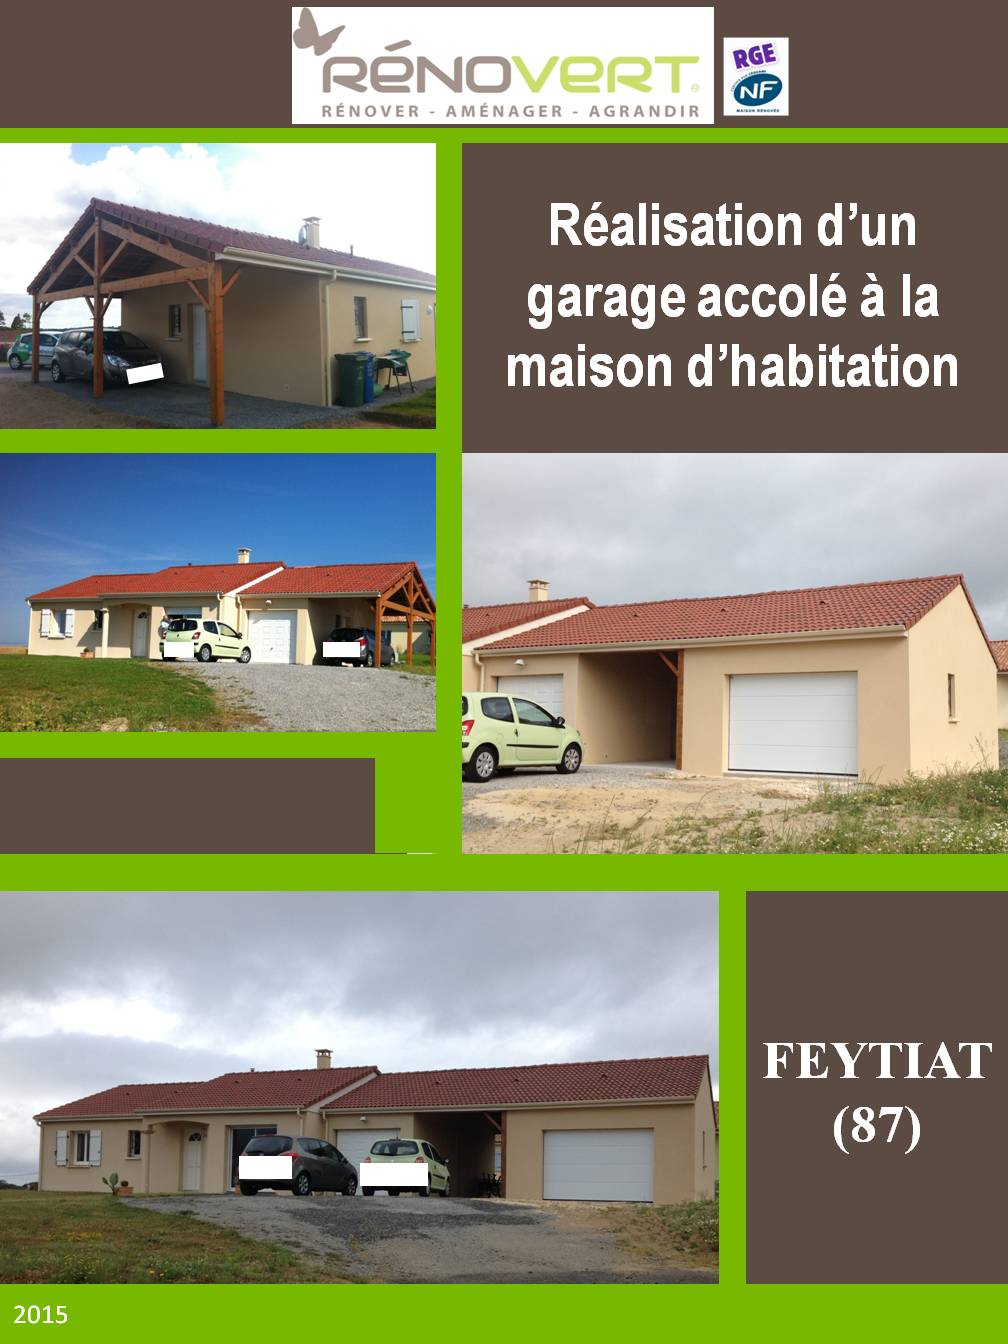 Garage Feytiat tout crÉation d'un garage accole a une maison existante pres de limoges